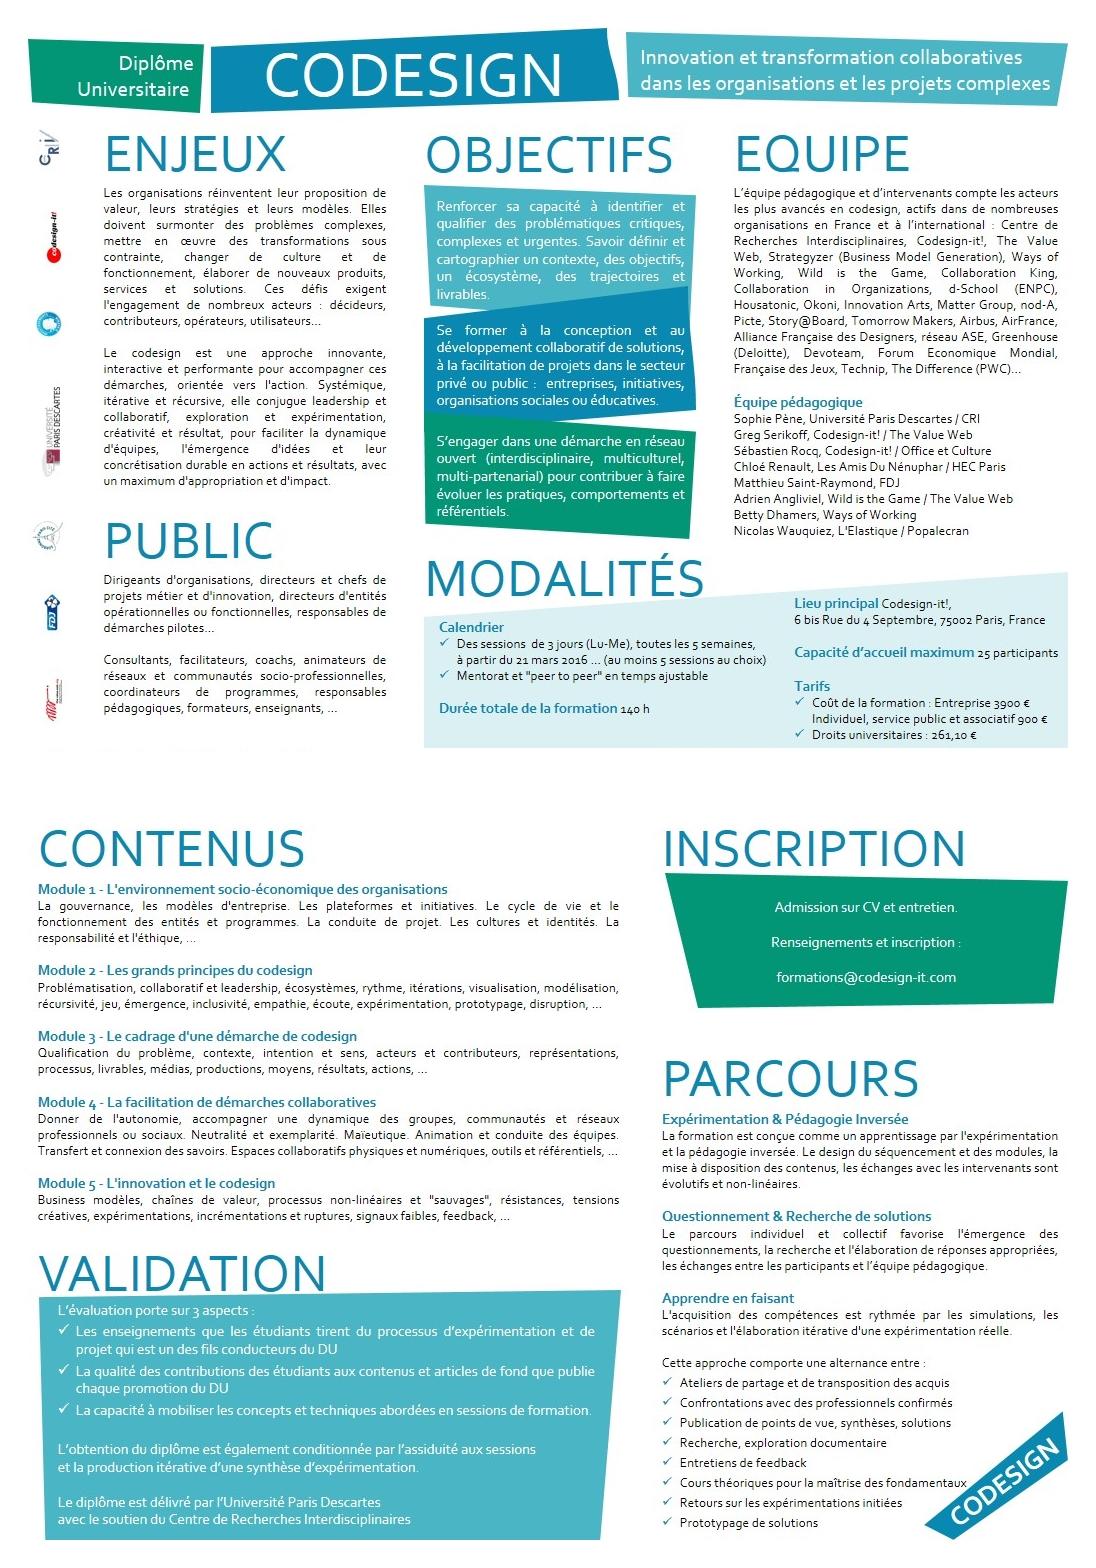 2ème édition du Diplôme Universitaire Codesign